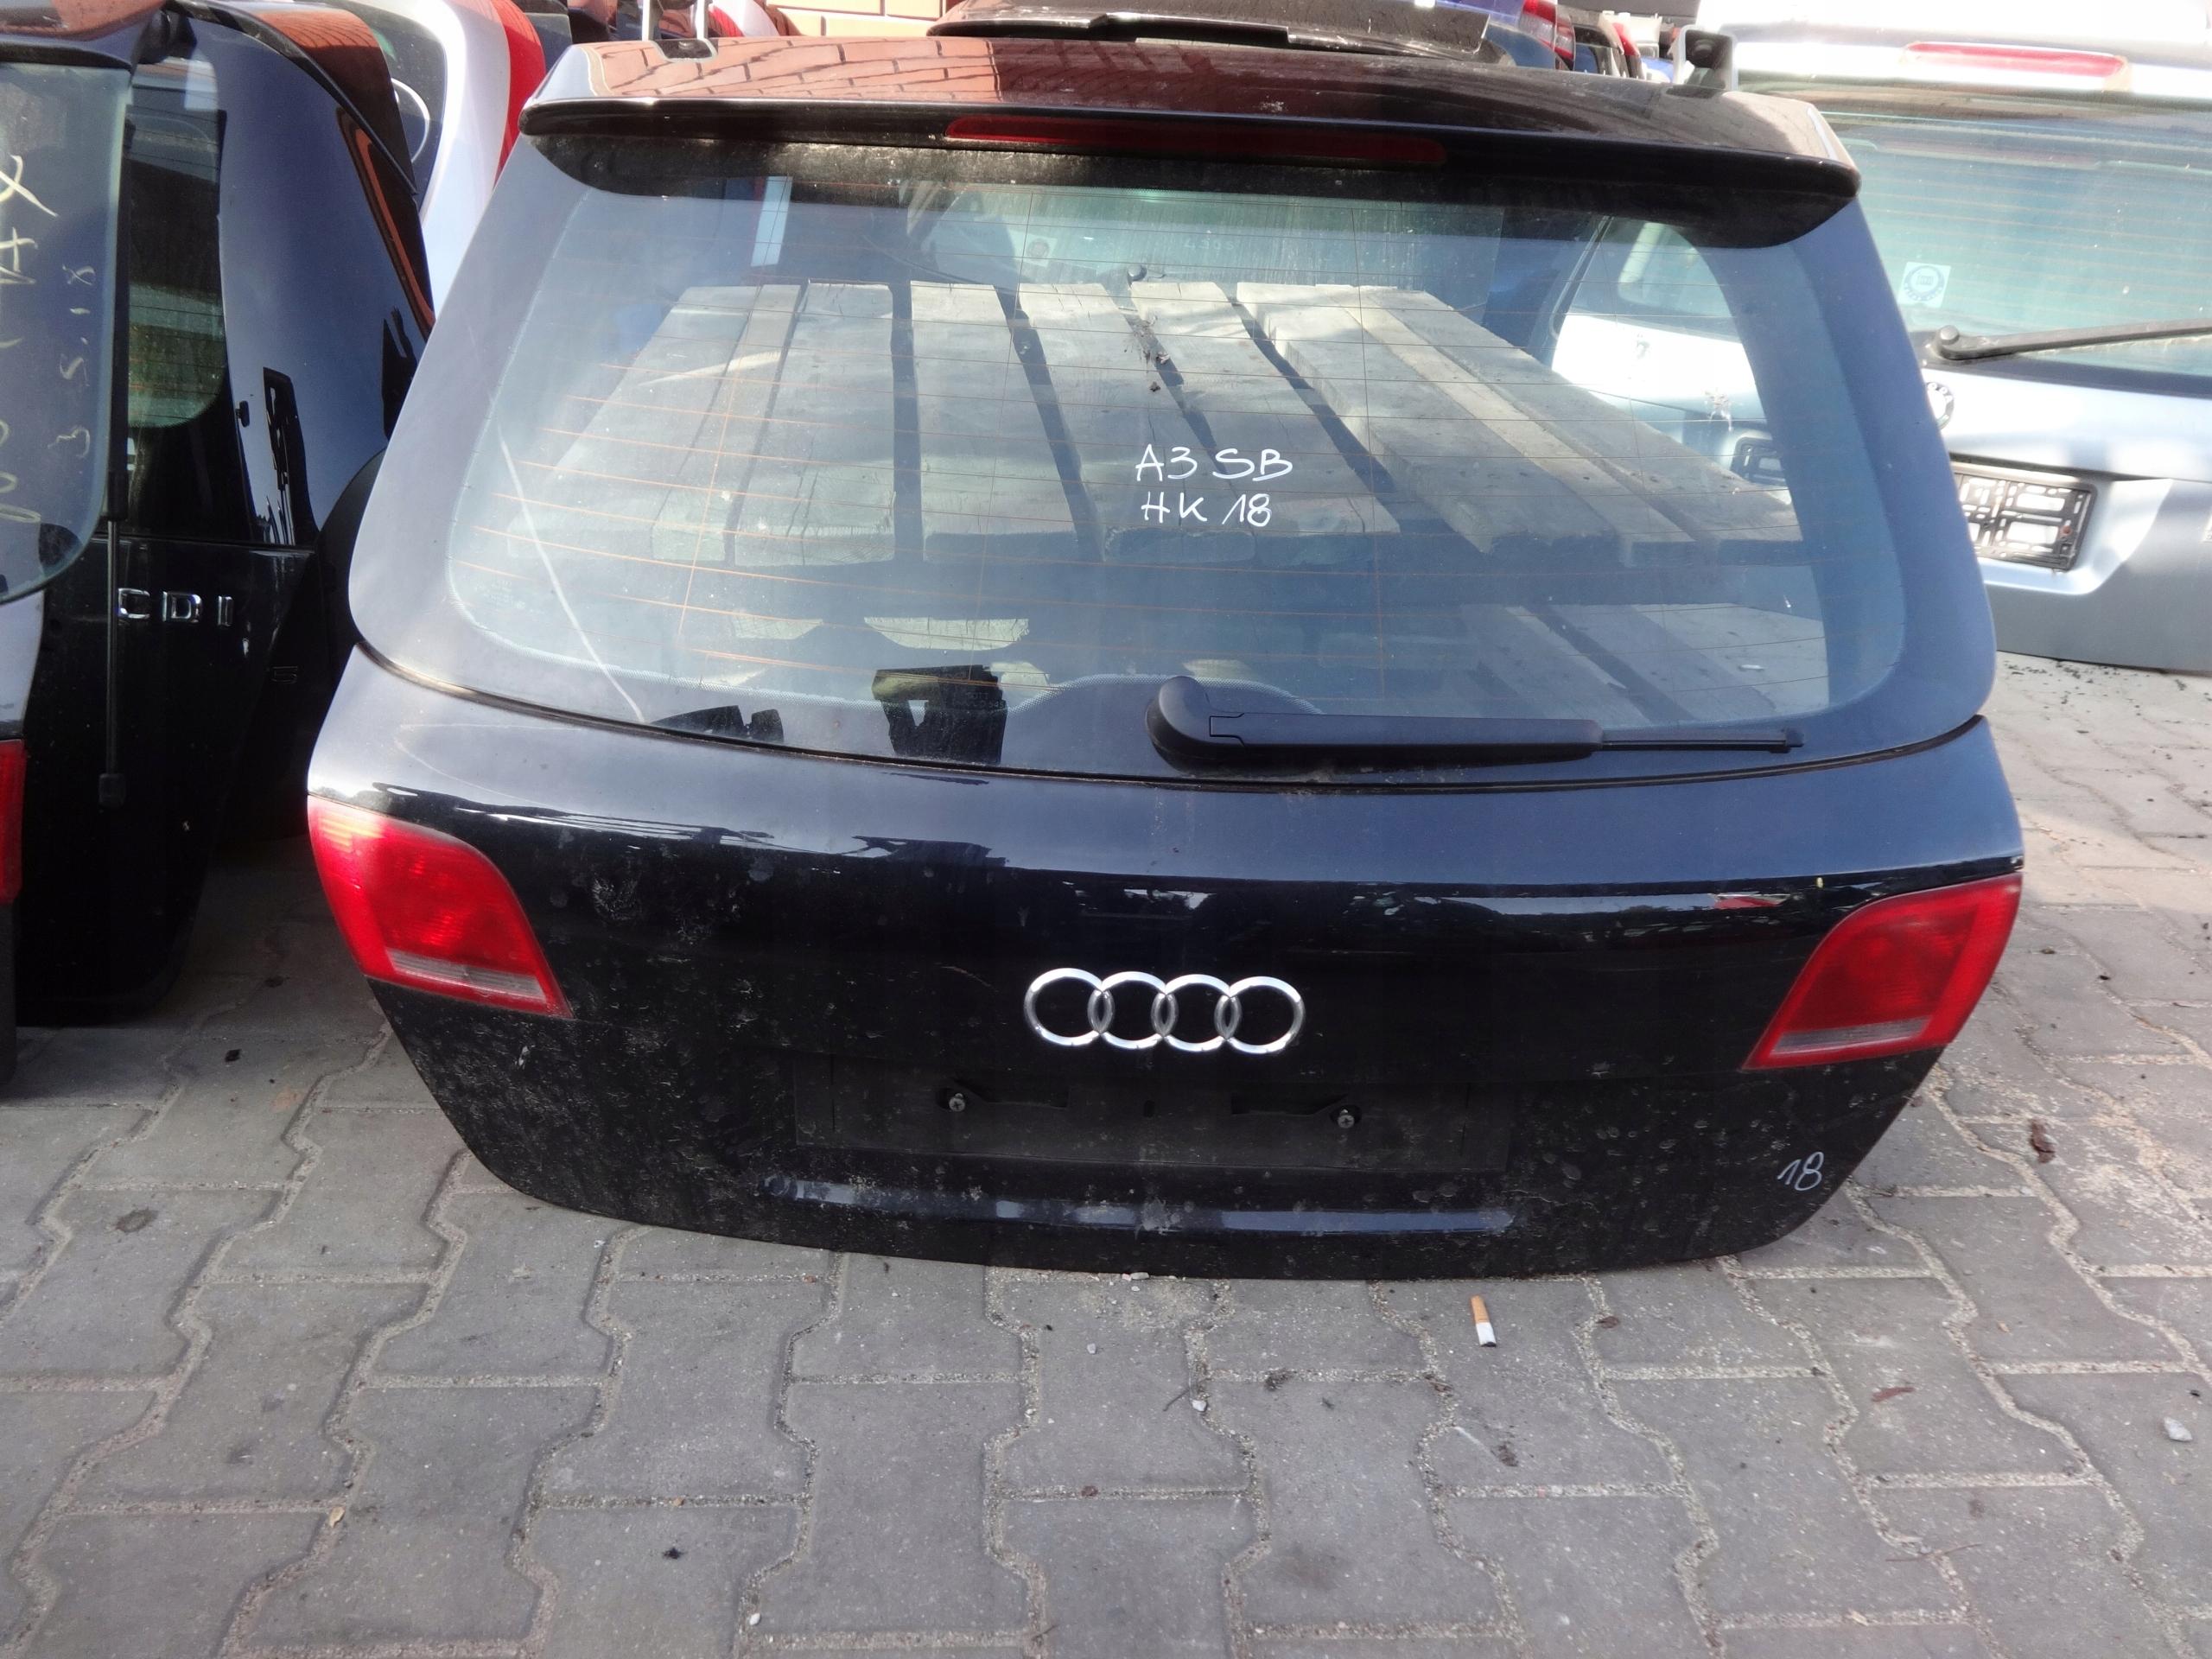 Hk19 Audi A3 Sportback Klapa Bagażnika Tylna Tył 7620084825